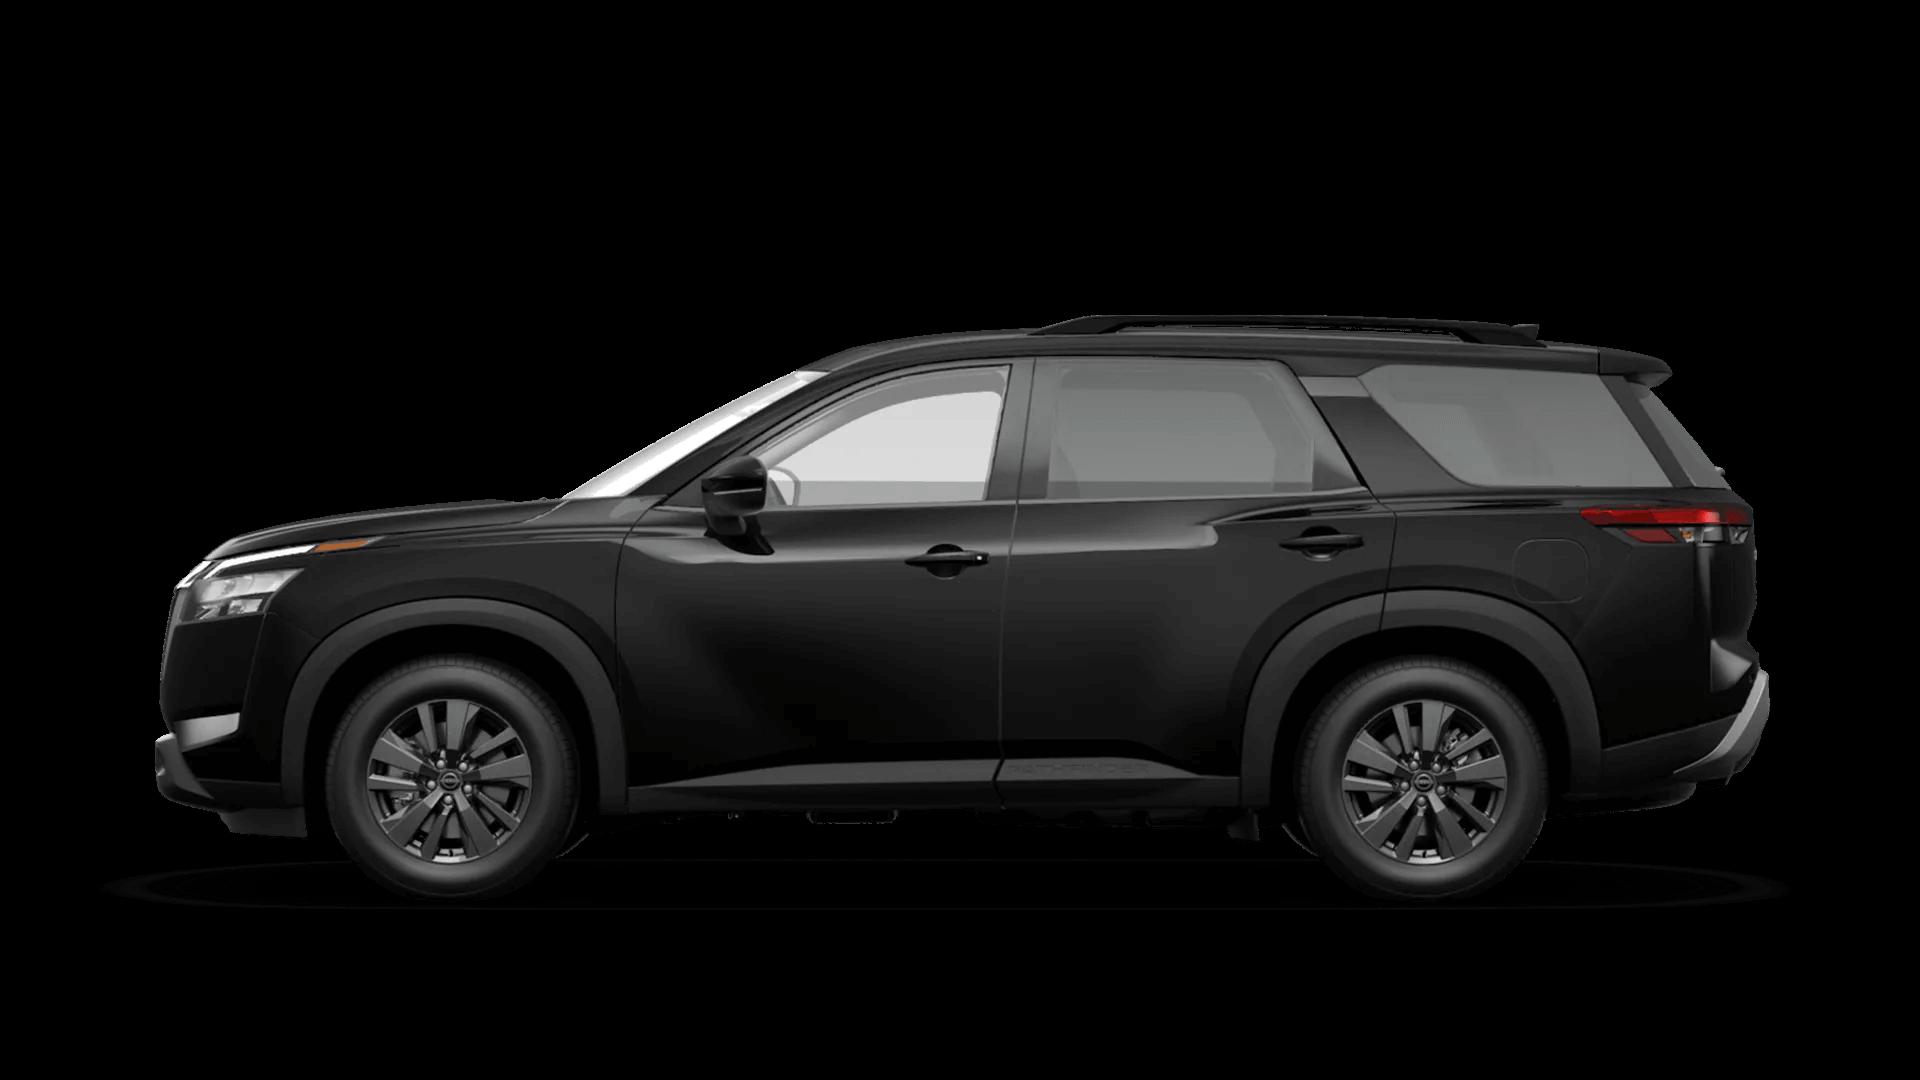 2022 Pathfinder® SV 4WD in Super Black